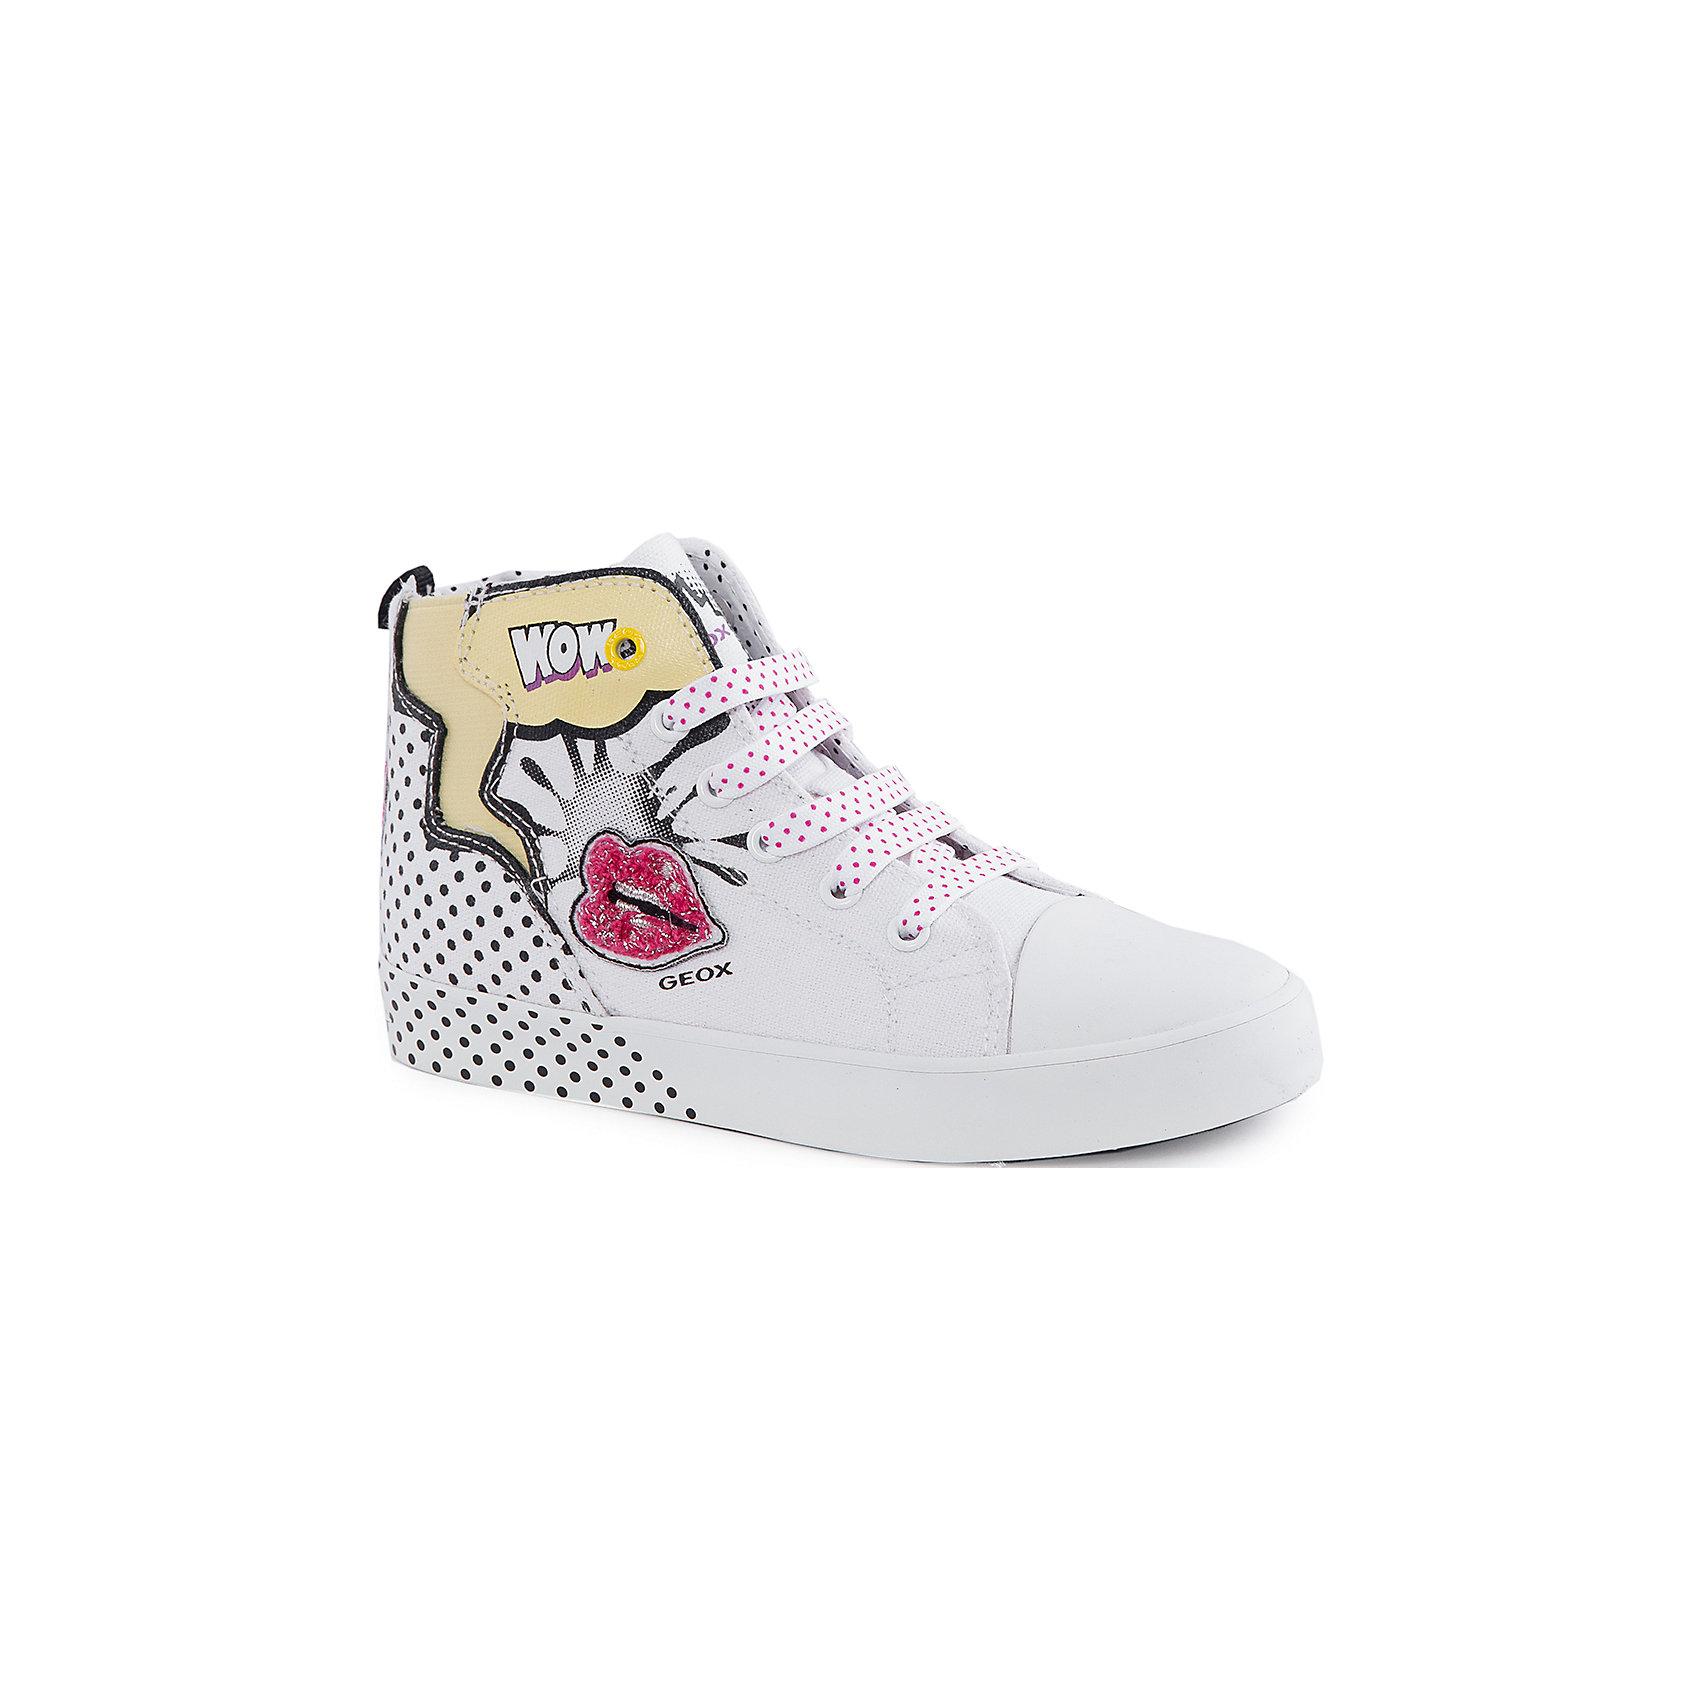 Кроссовки для девочки GEOXКроссовки для девочки от популярной марки GEOX (Геокс).<br><br>Модные легкие кроссовки - отличная обувь для нового весеннего сезона. Модель очень стильно и оригинально смотрится.<br>Производитель обуви заботится не только о внешнем виде, но и стабильно высоком качестве продукции. GEOX (Геокс) разработал специальную дышащую подошву, которая не пропускает влагу внутрь, а также высокотехнологичную стельку.<br><br>Отличительные особенности модели:<br><br>- цвет: белый;<br>- декорированы принтом и аппликацией;<br>- гибкая водоотталкивающая подошва с дышащей мембраной;<br>- мягкий и легкий верх;<br>- защита пальцев;<br>- стильный дизайн;<br>- удобная шнуровка и молния;<br>- комфортное облегание;<br>- верх обуви и подкладка сделаны без использования хрома.<br><br>Дополнительная информация:<br><br>- Температурный режим: от +10° С до 25° С.<br><br>- Состав:<br><br>материал верха: текстиль, синтетический материал<br>материал подкладки: текстиль<br>подошва: резина<br><br>Кроссовки для девочки GEOX (Геокс) (Геокс) можно купить в нашем магазине.<br><br>Ширина мм: 250<br>Глубина мм: 150<br>Высота мм: 150<br>Вес г: 250<br>Цвет: белый<br>Возраст от месяцев: 84<br>Возраст до месяцев: 96<br>Пол: Женский<br>Возраст: Детский<br>Размер: 31,28,34,36,35,33,32,30,29<br>SKU: 4519085